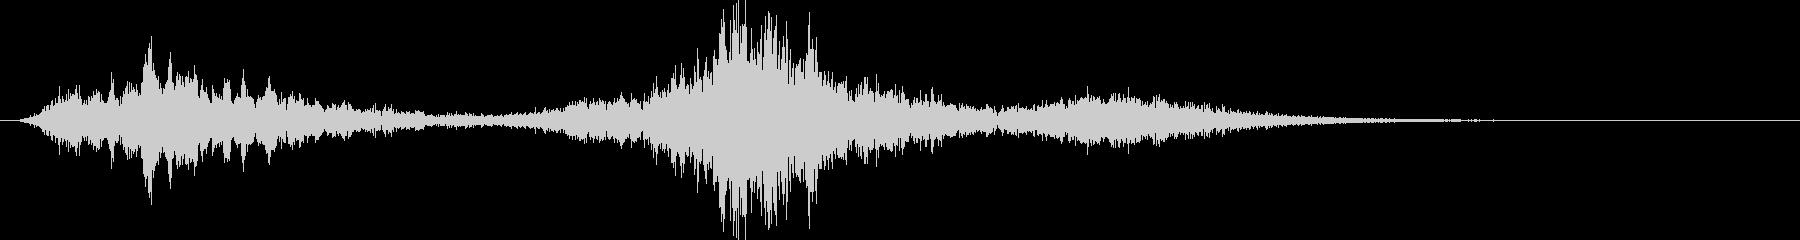 デビルグローン3の未再生の波形